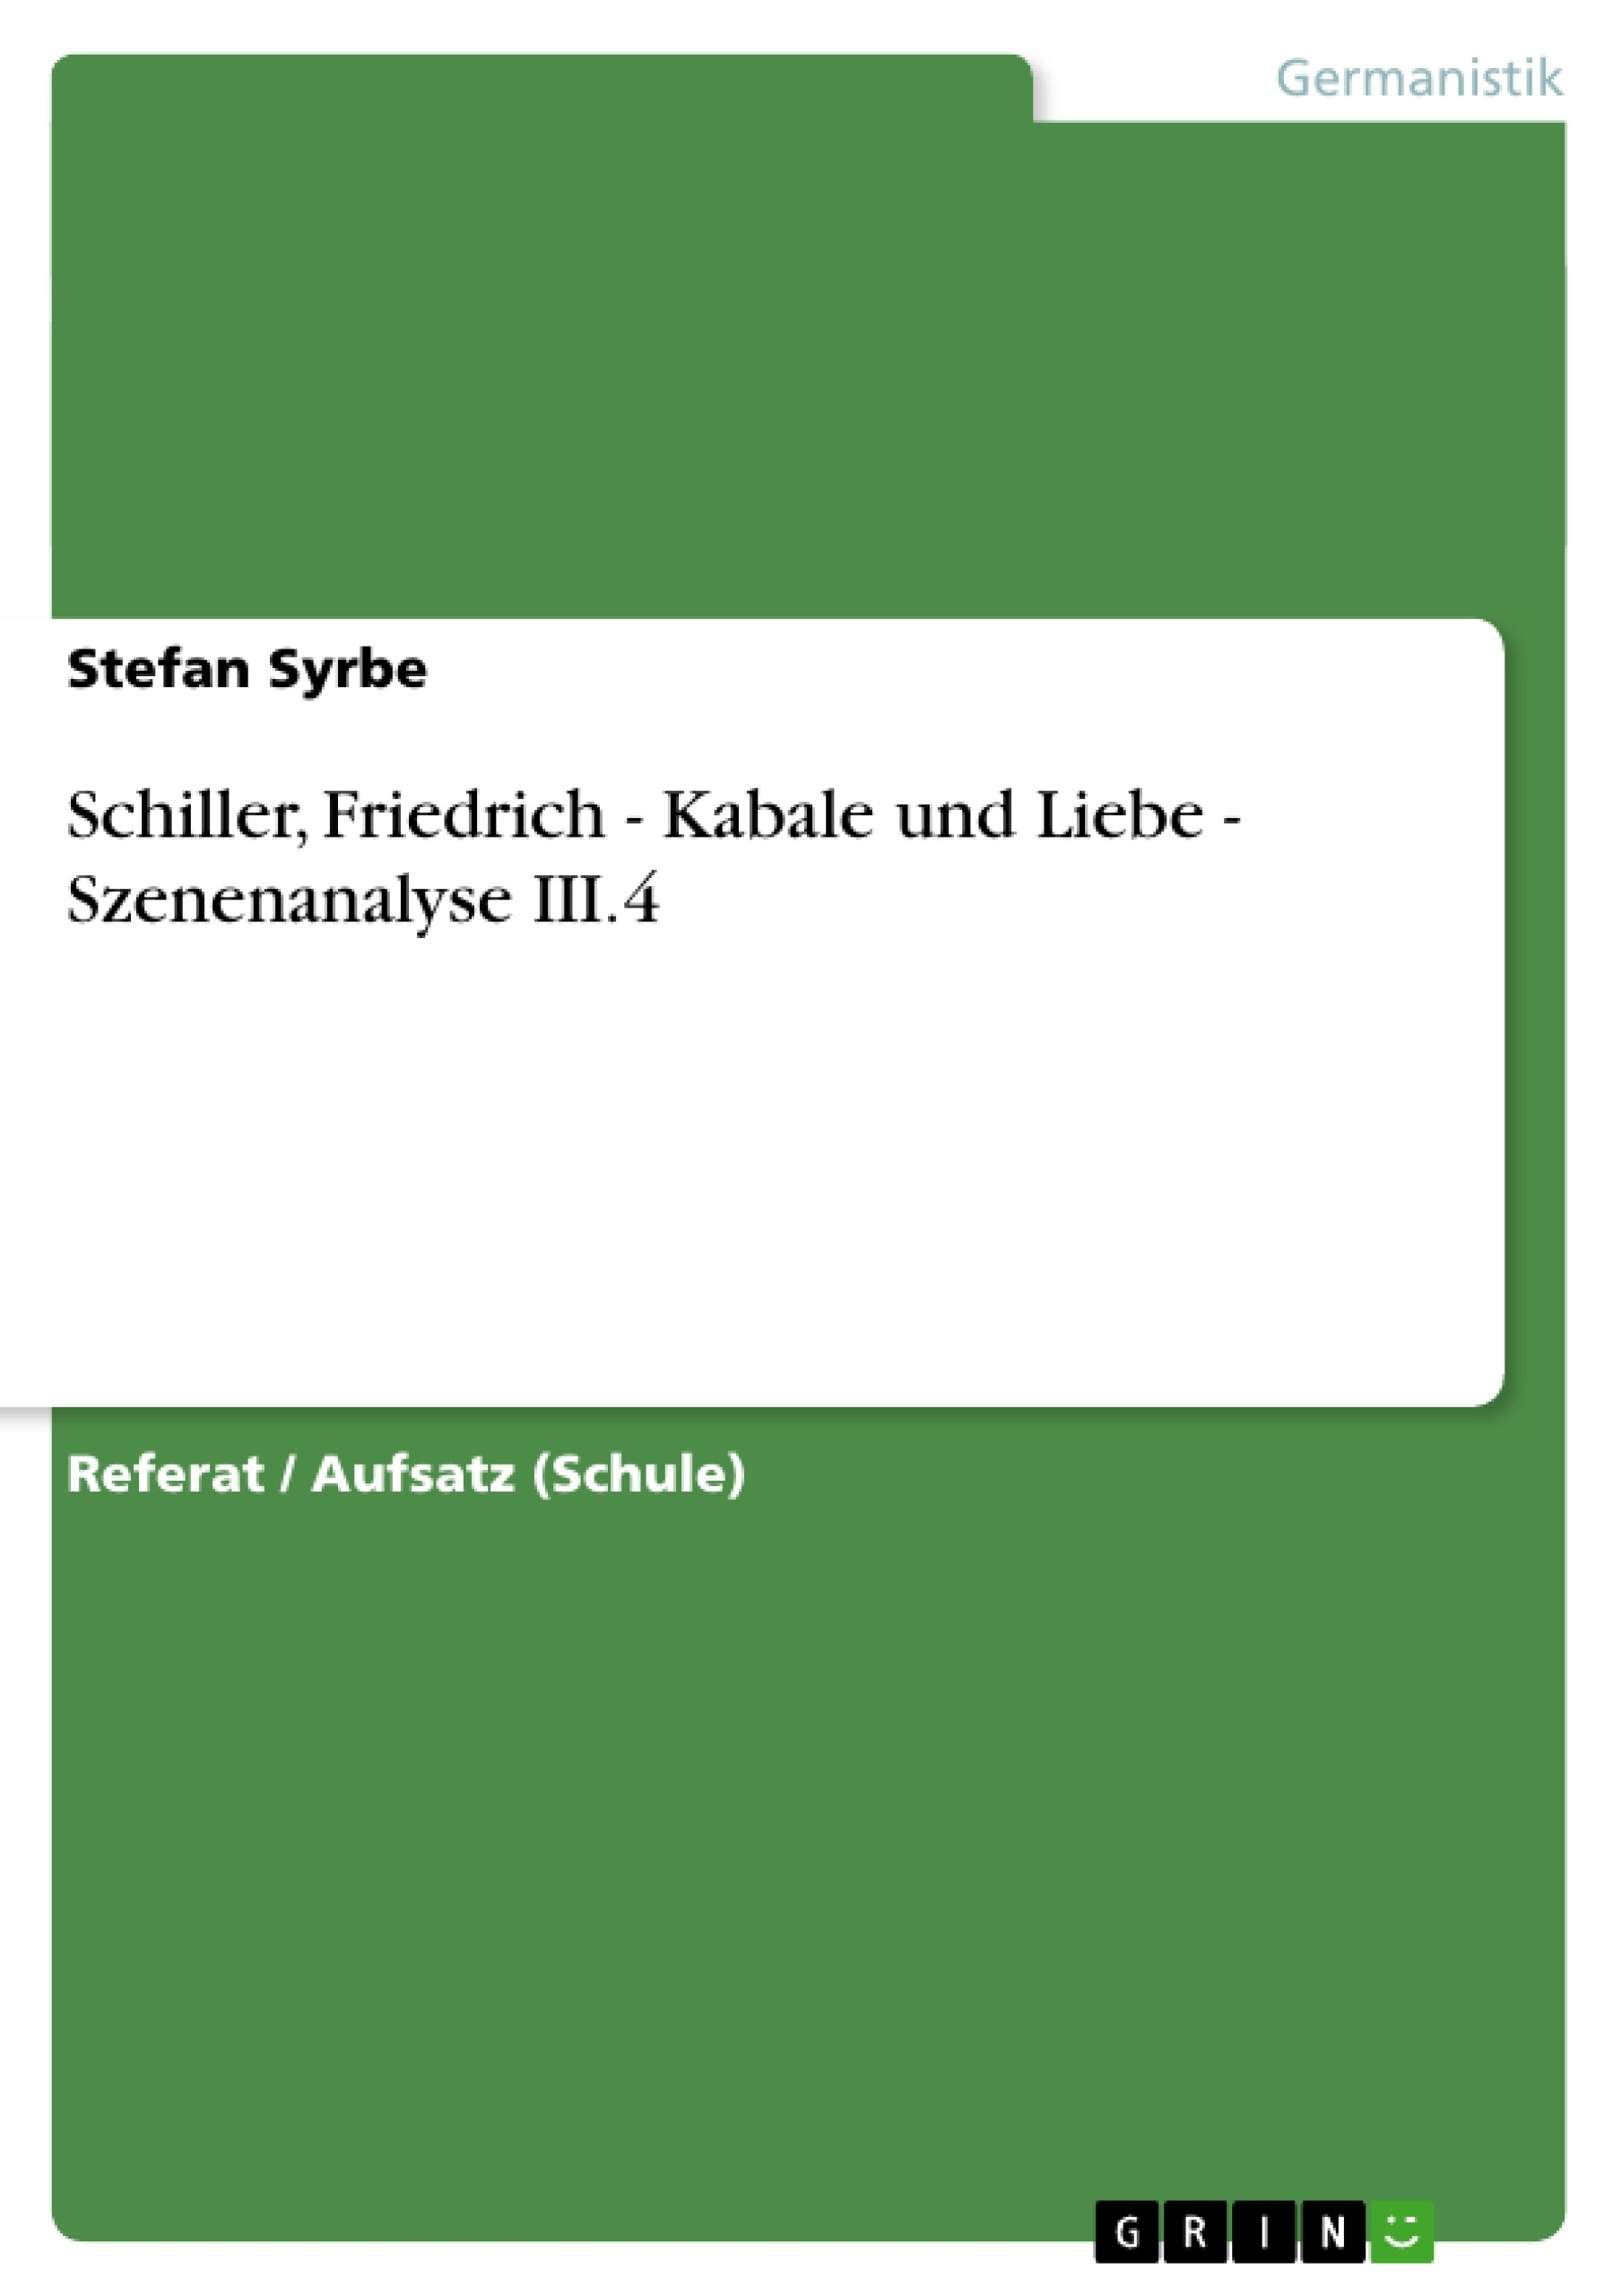 Titel: Schiller, Friedrich - Kabale und Liebe - Szenenanalyse III.4